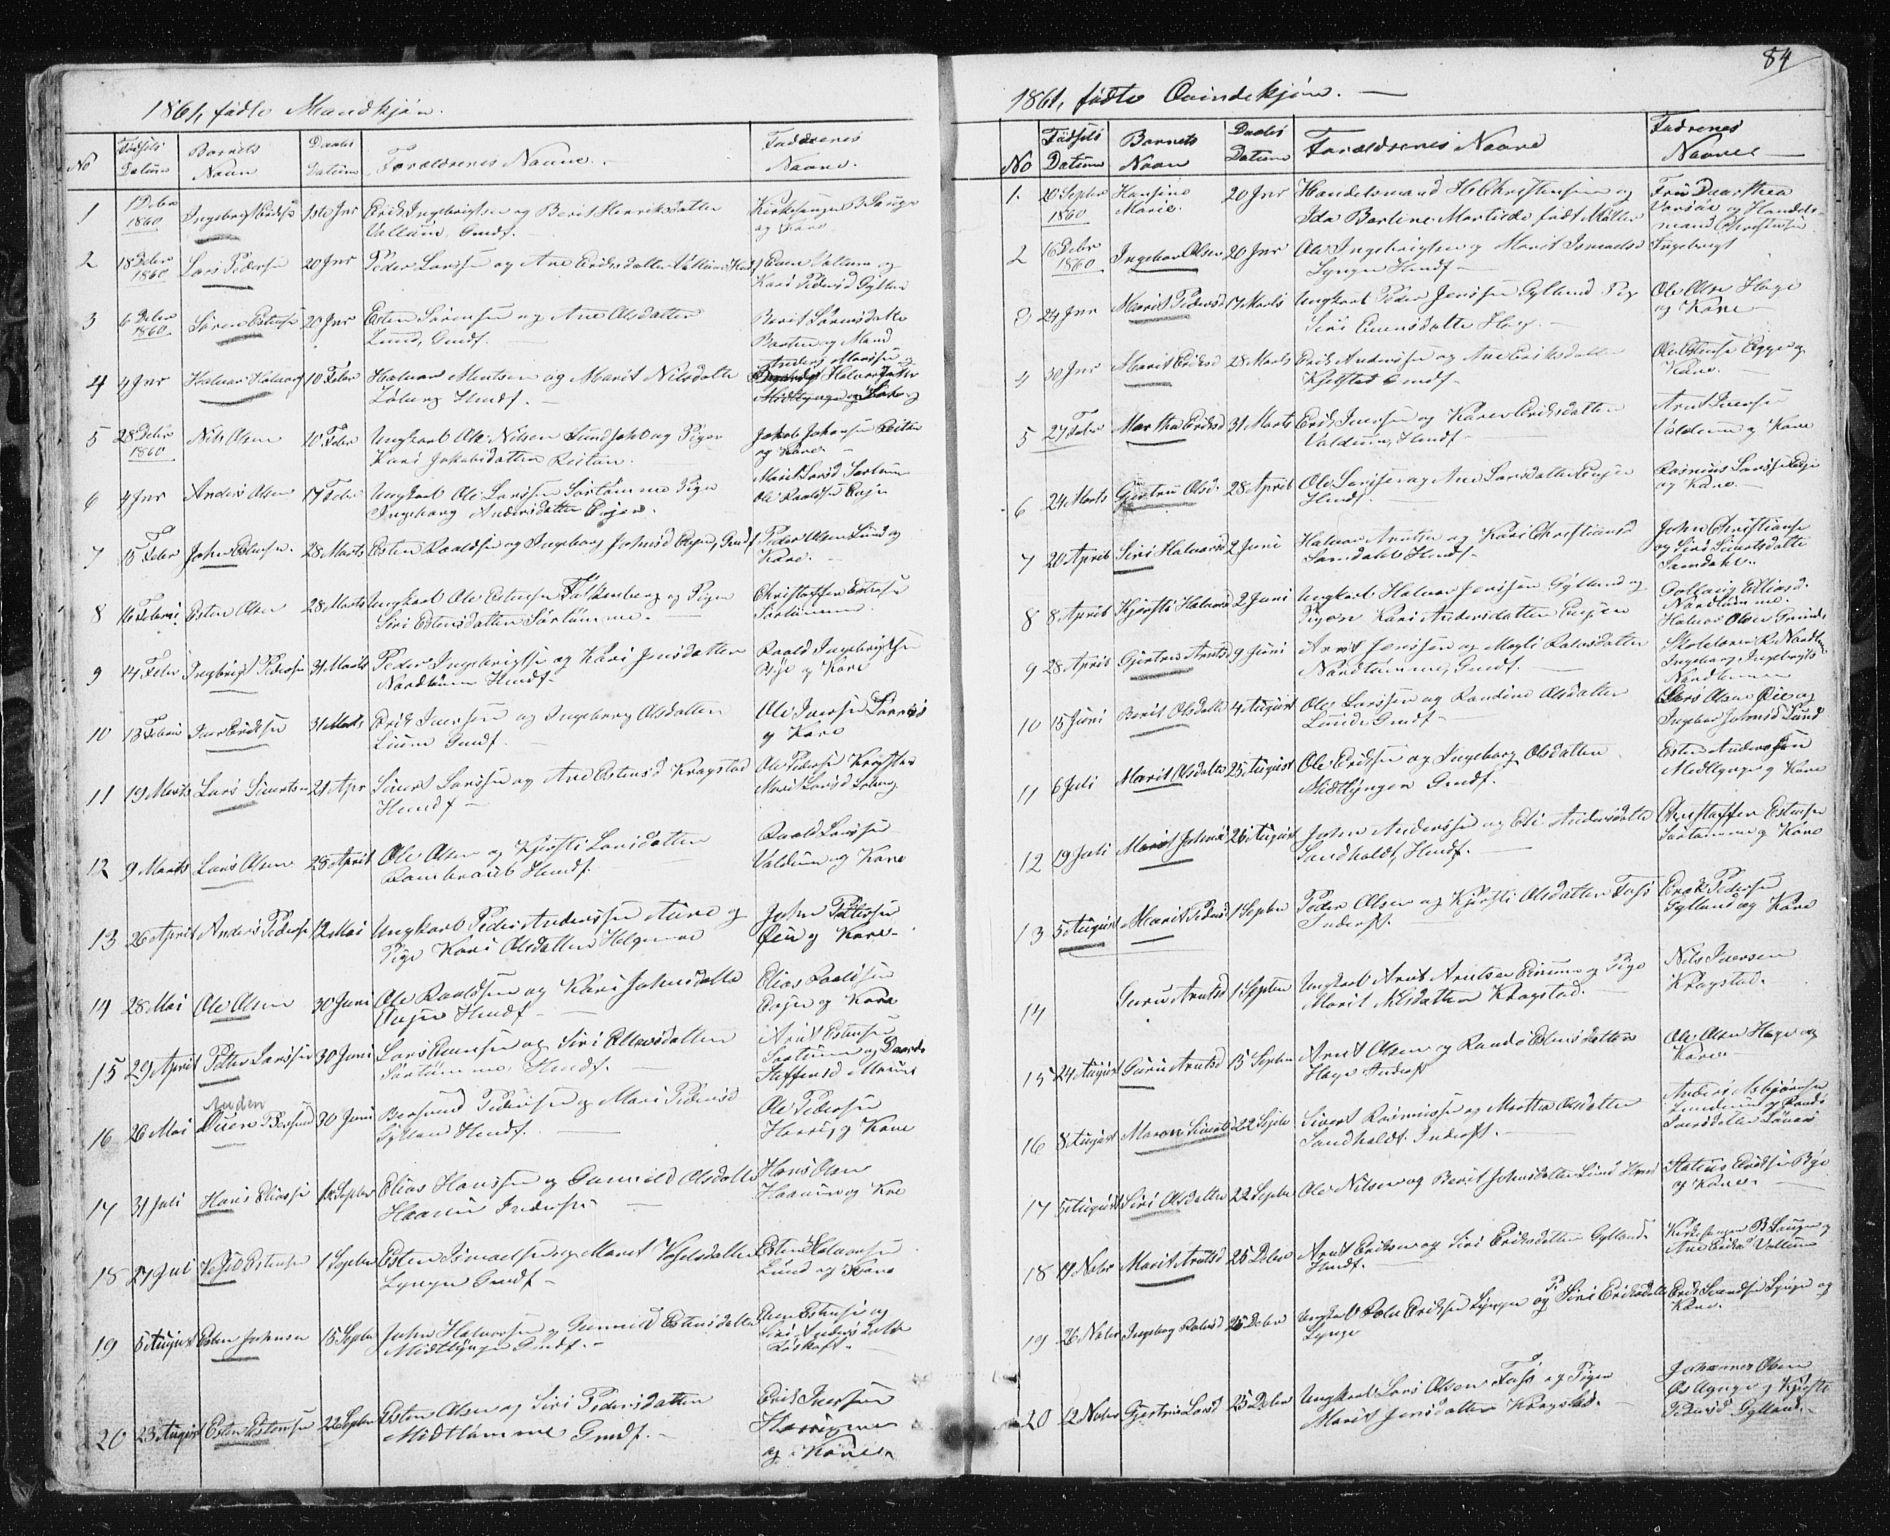 SAT, Ministerialprotokoller, klokkerbøker og fødselsregistre - Sør-Trøndelag, 692/L1110: Klokkerbok nr. 692C05, 1849-1889, s. 84